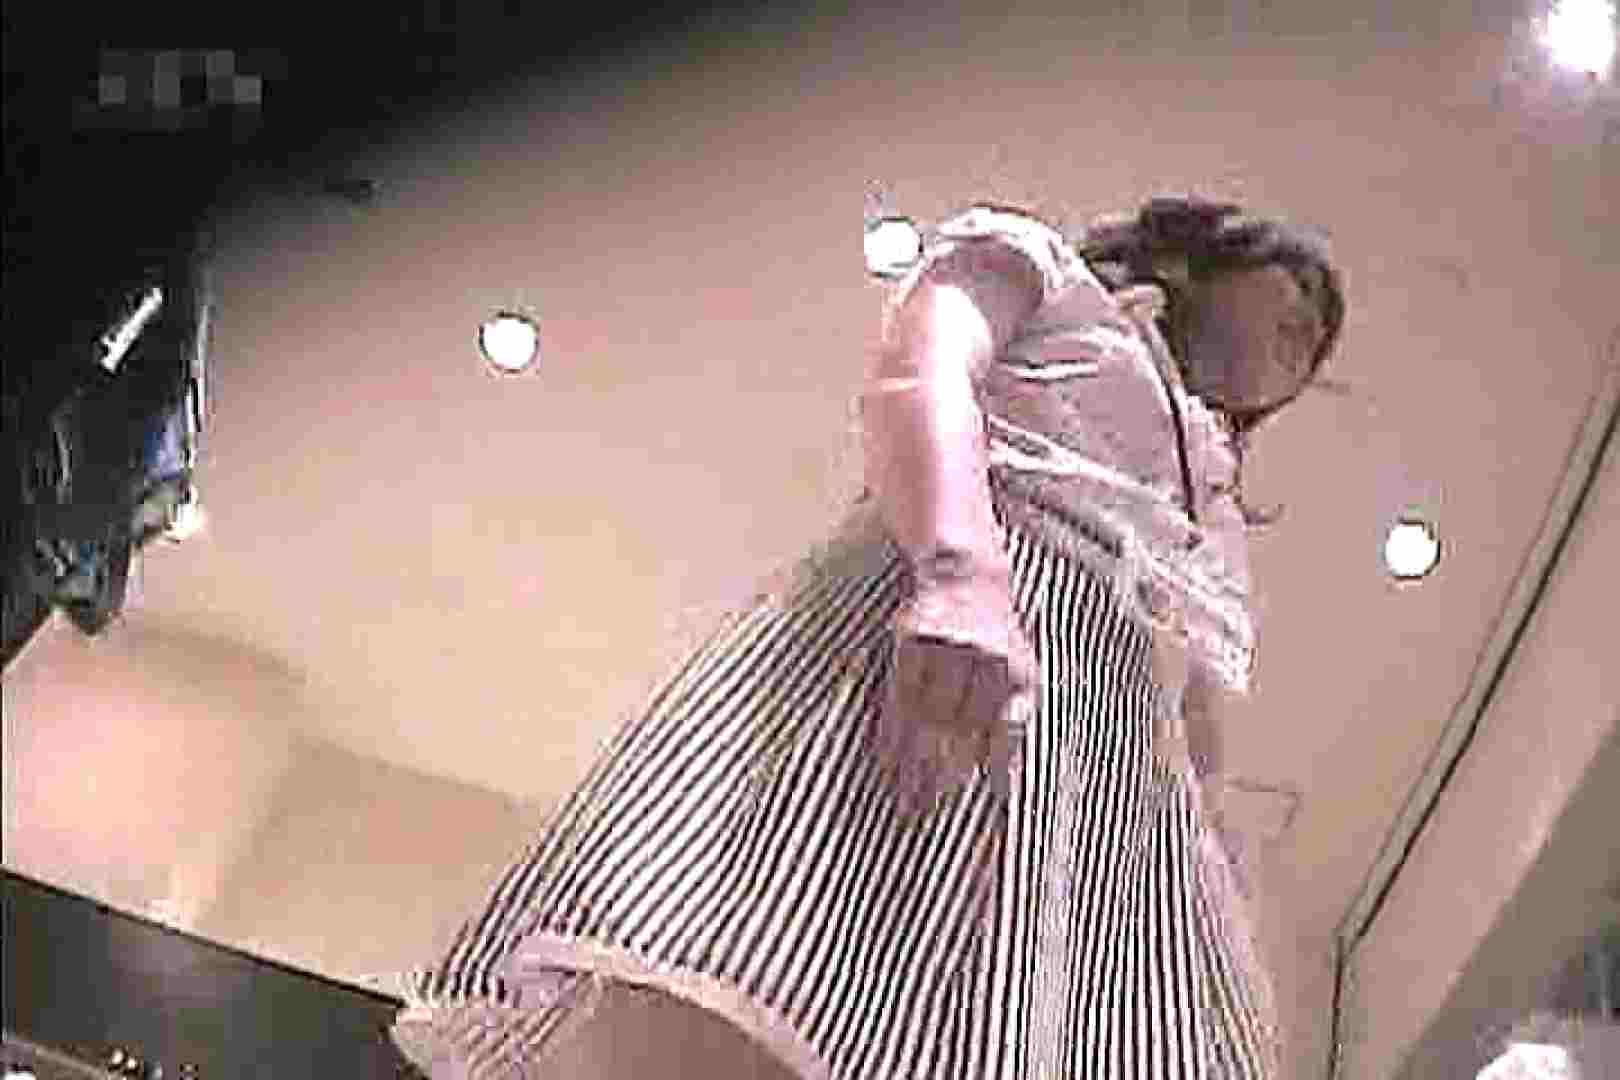 ショップ店員のパンチラアクシデント Vol.9 盗撮師作品  76pic 8